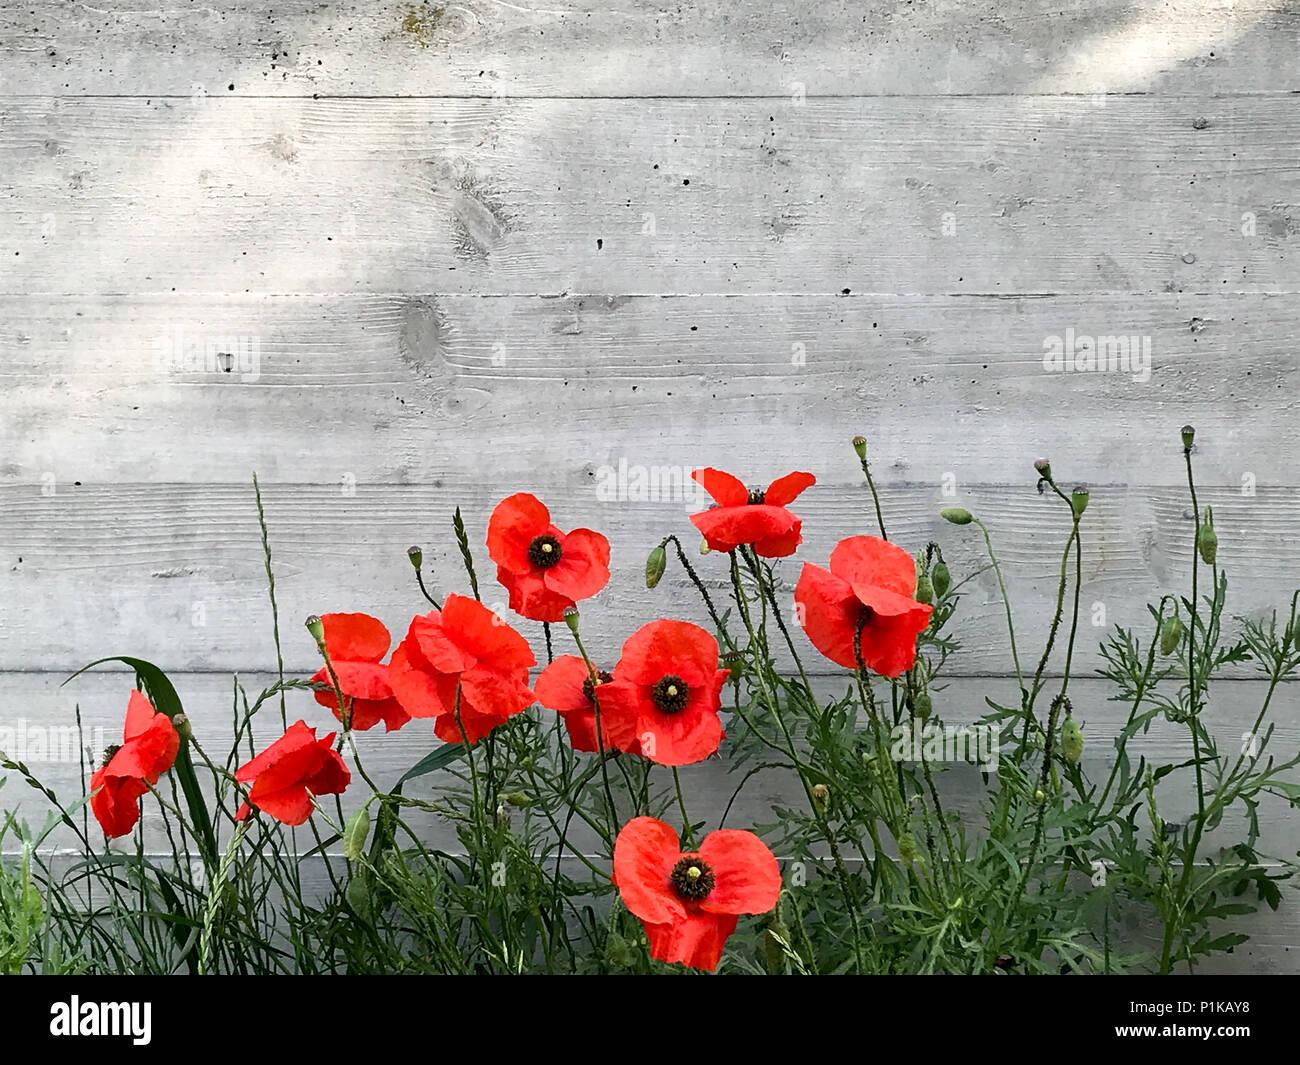 Papavero rosso fiori accanto al grigio di una parete in cemento Immagini Stock